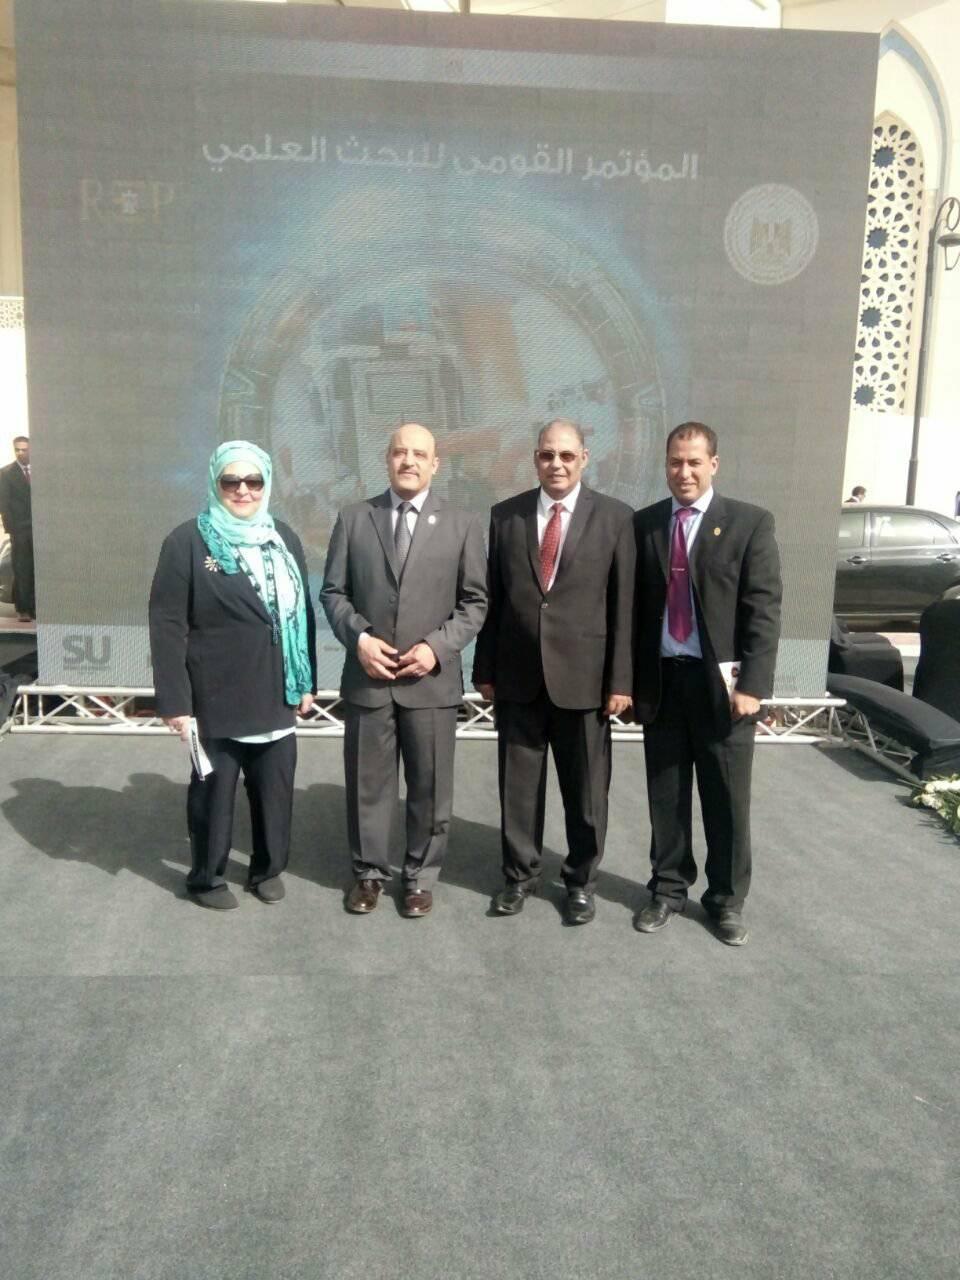 """جامعة اسوان تشارك في المؤتمر القومي للبحث العلمي بعنوان """"إطلاق طاقات المصريين"""" و معرض الابتكار المصاحب له"""